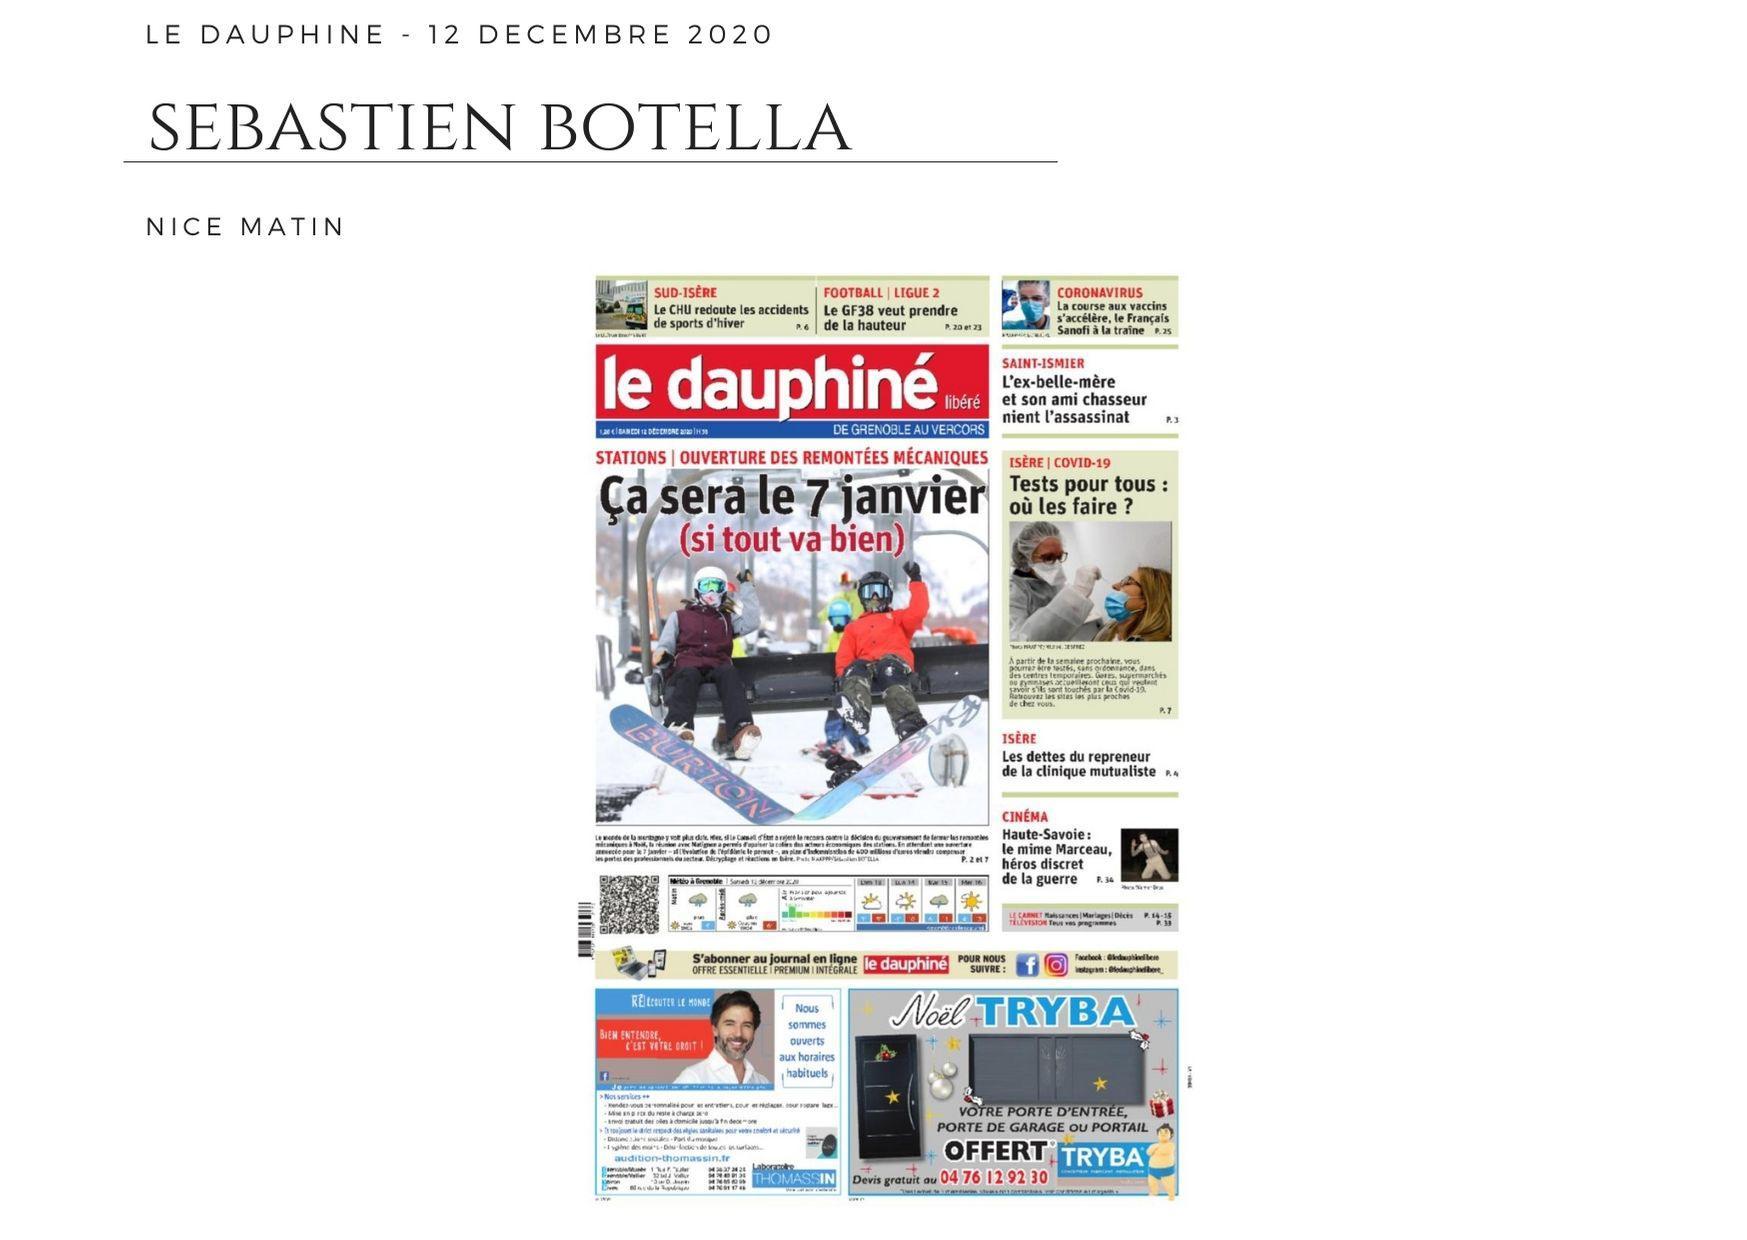 Le Dauphiné Libéré - 12 décembre 2020